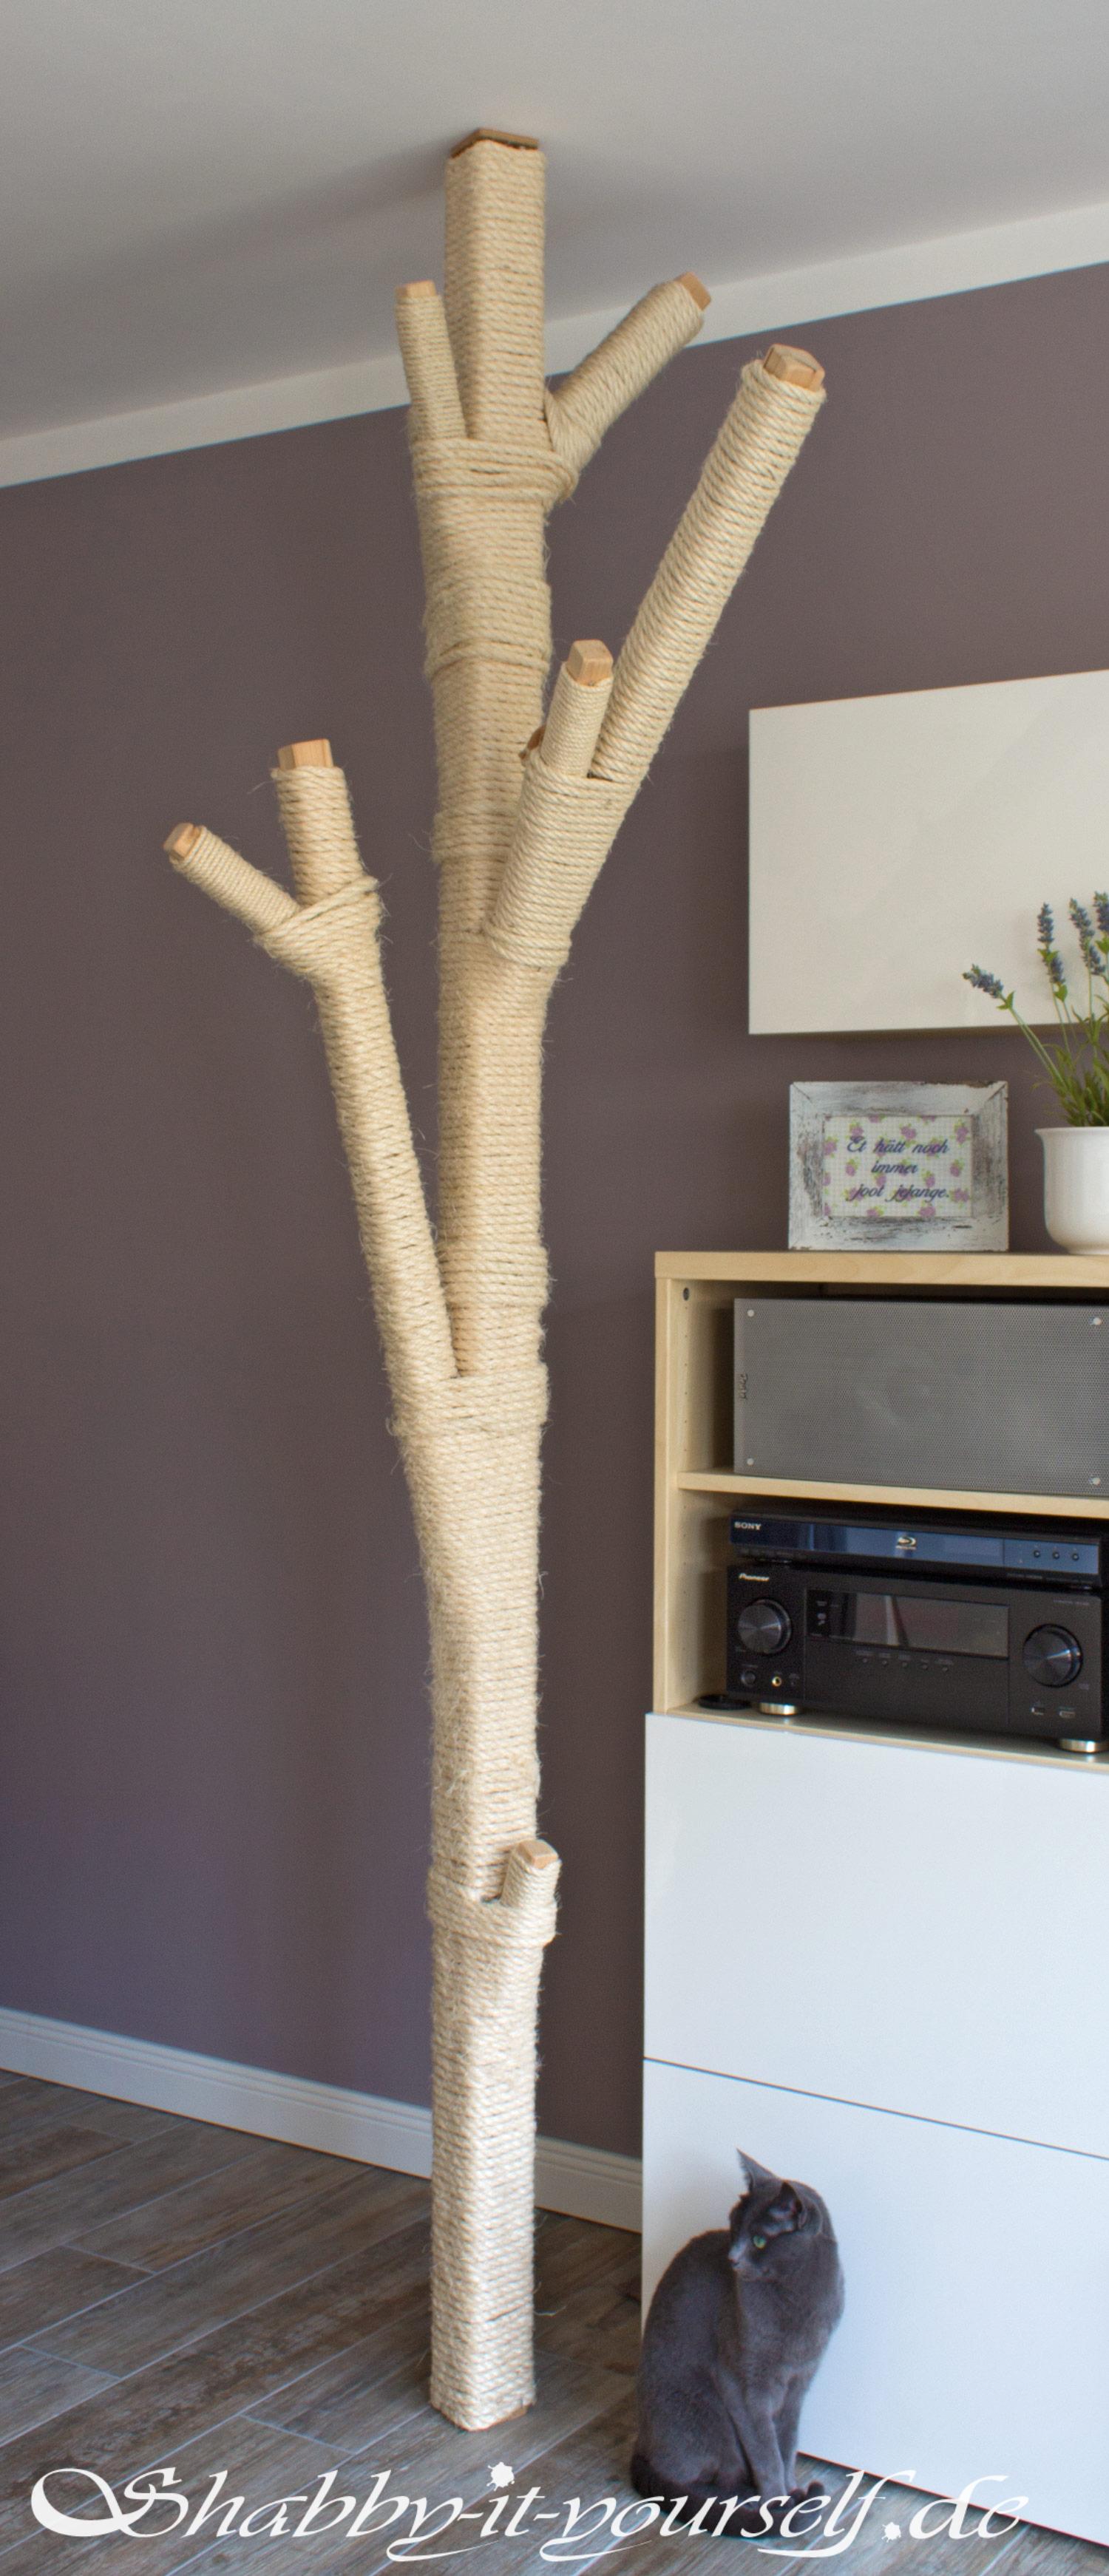 einen schönen kratzbaum selber machen?